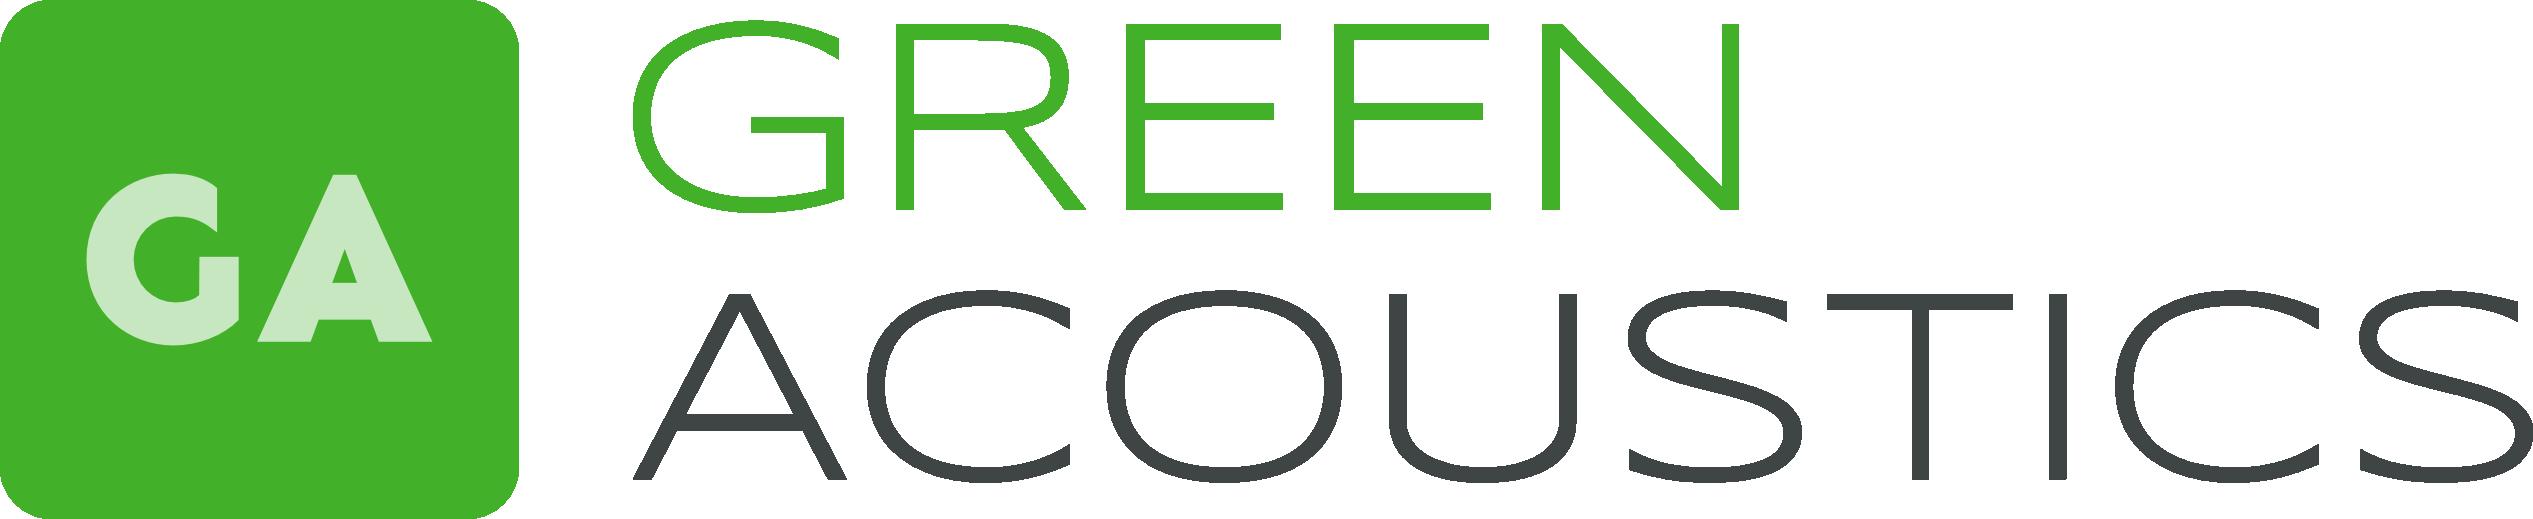 GREEN ACOUSTICS- nowa marka w naszej dystrybucji